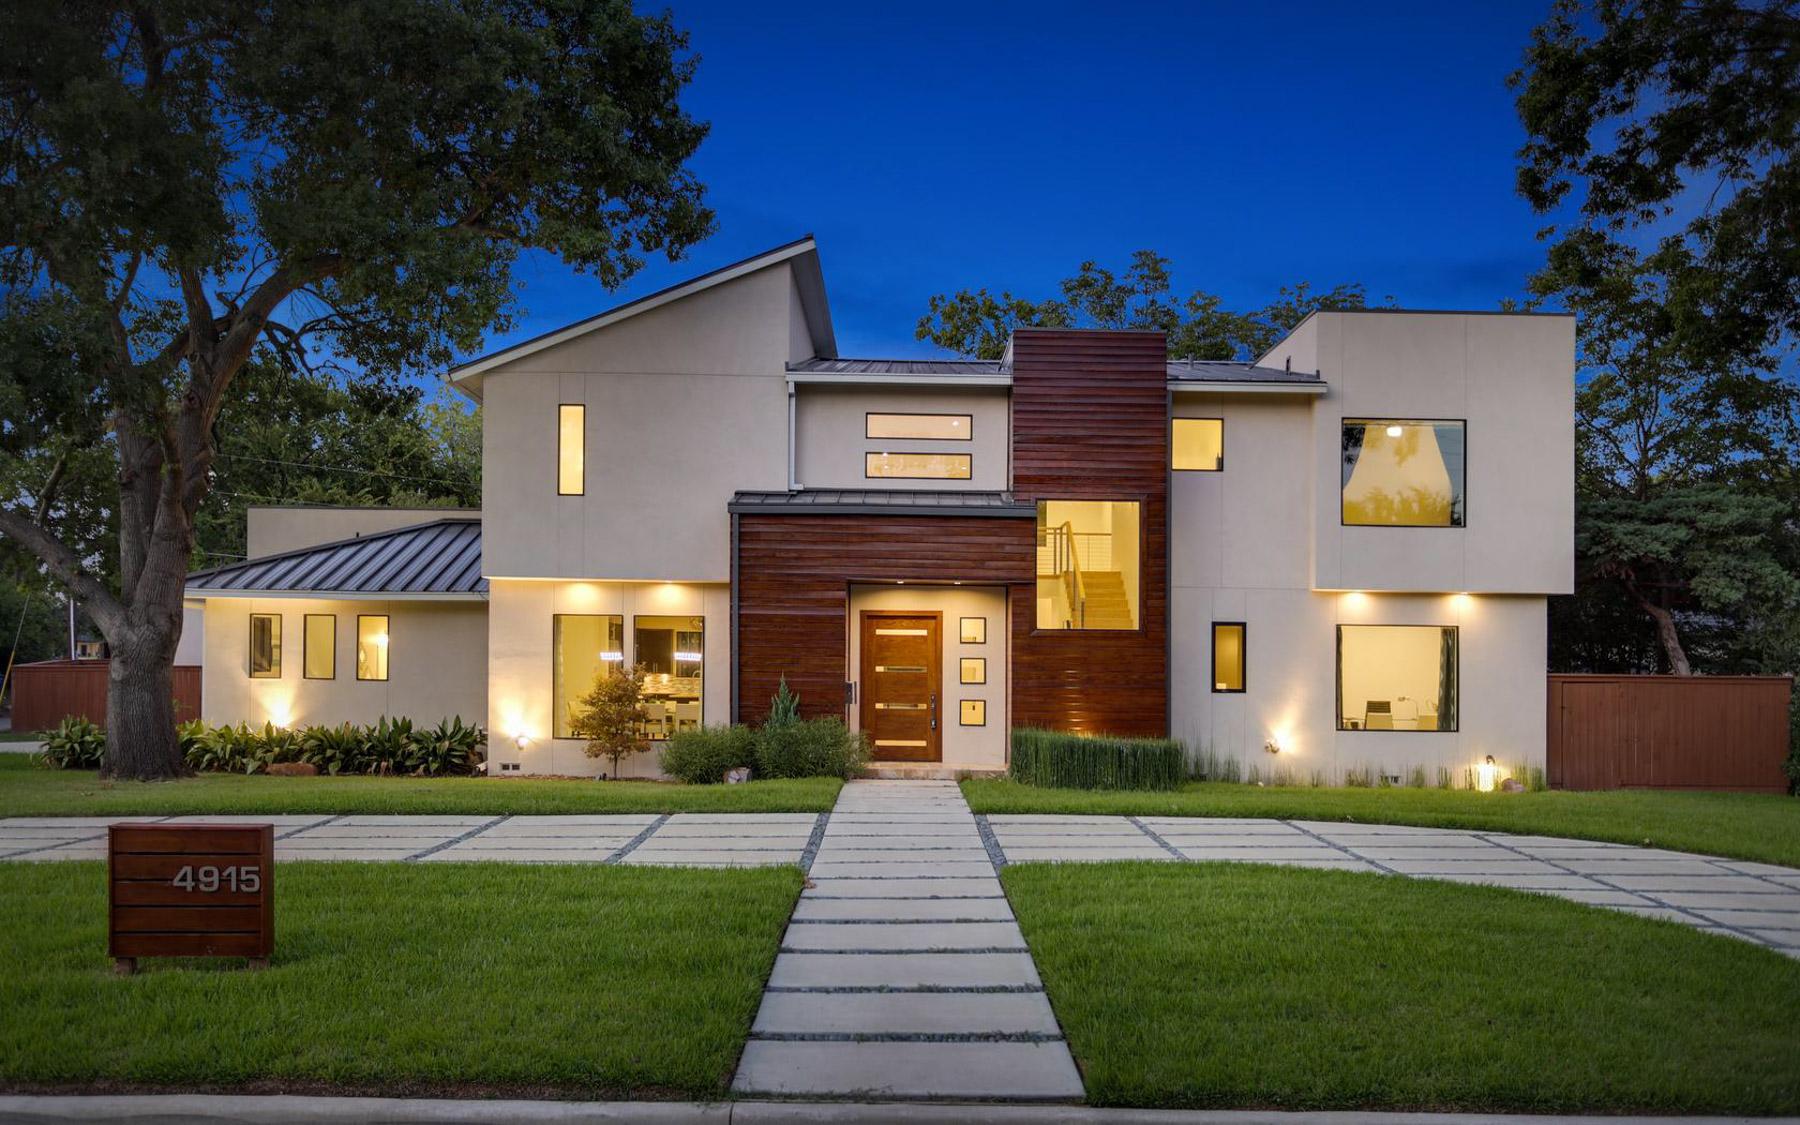 단독 가정 주택 용 매매 에 4915 Nashwood Ln, Dallas Dallas, 텍사스, 75244 미국